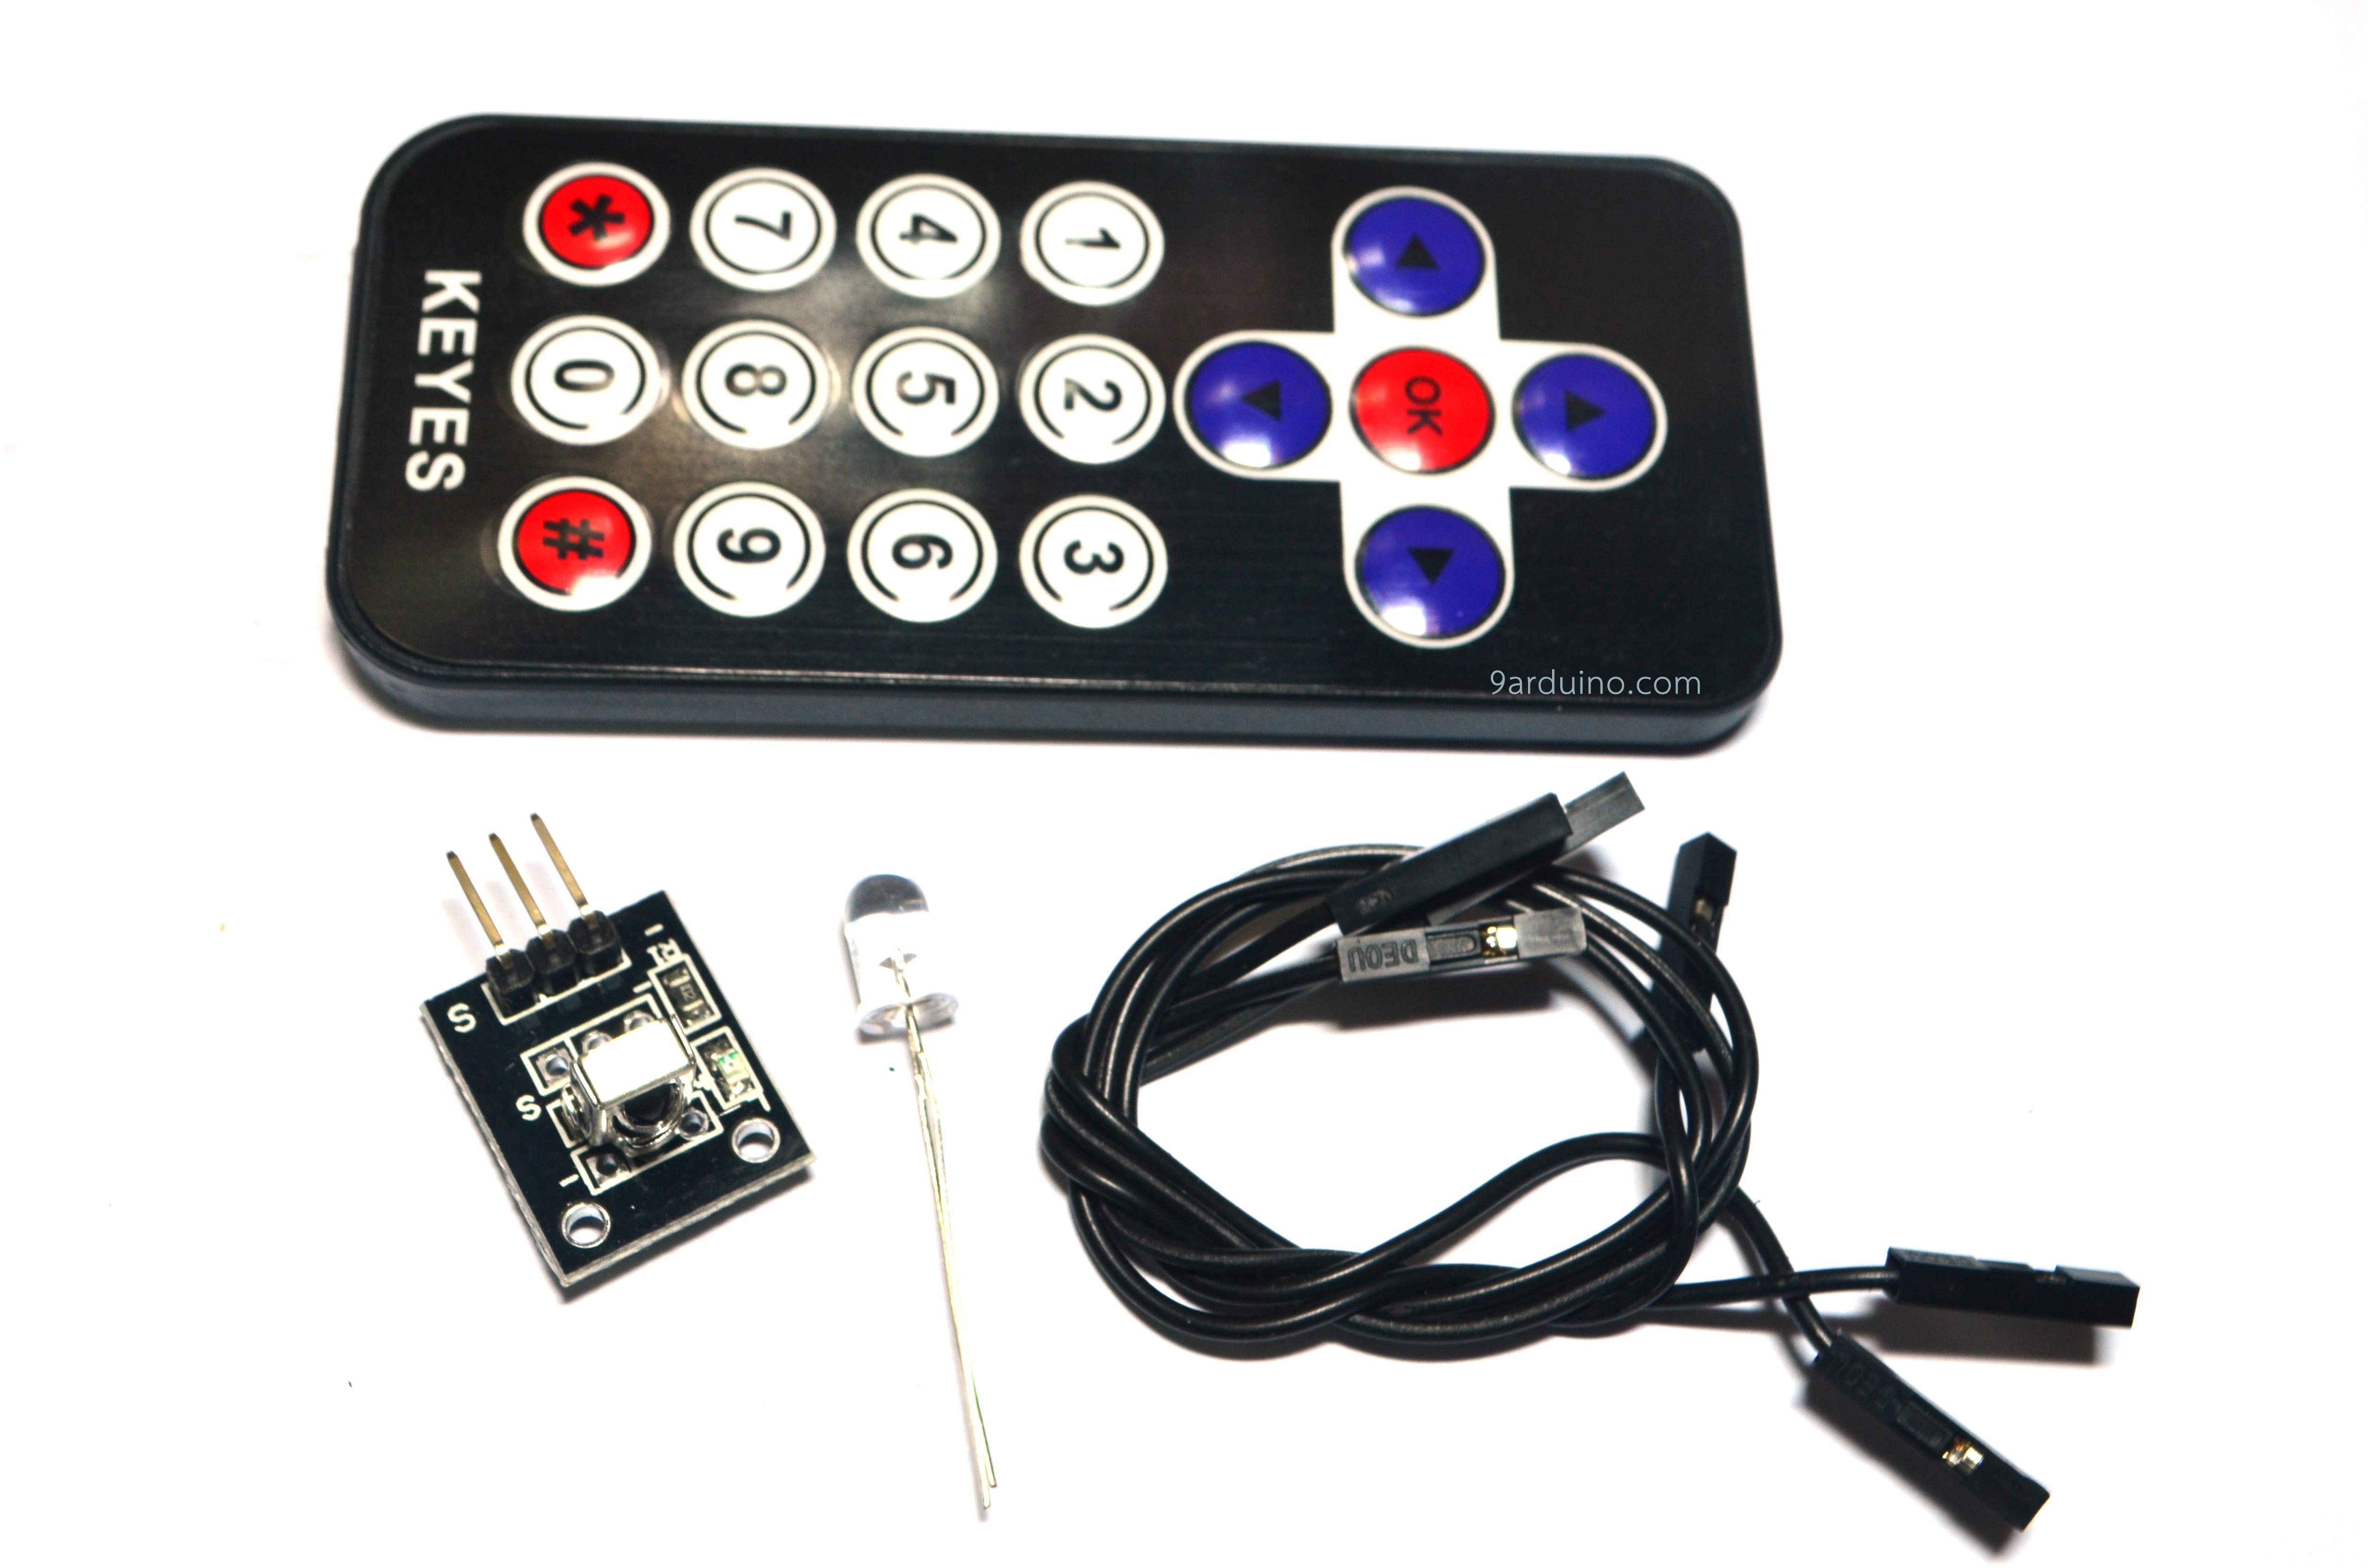 โมดูล รีโมท Infrared Remote Control Kit